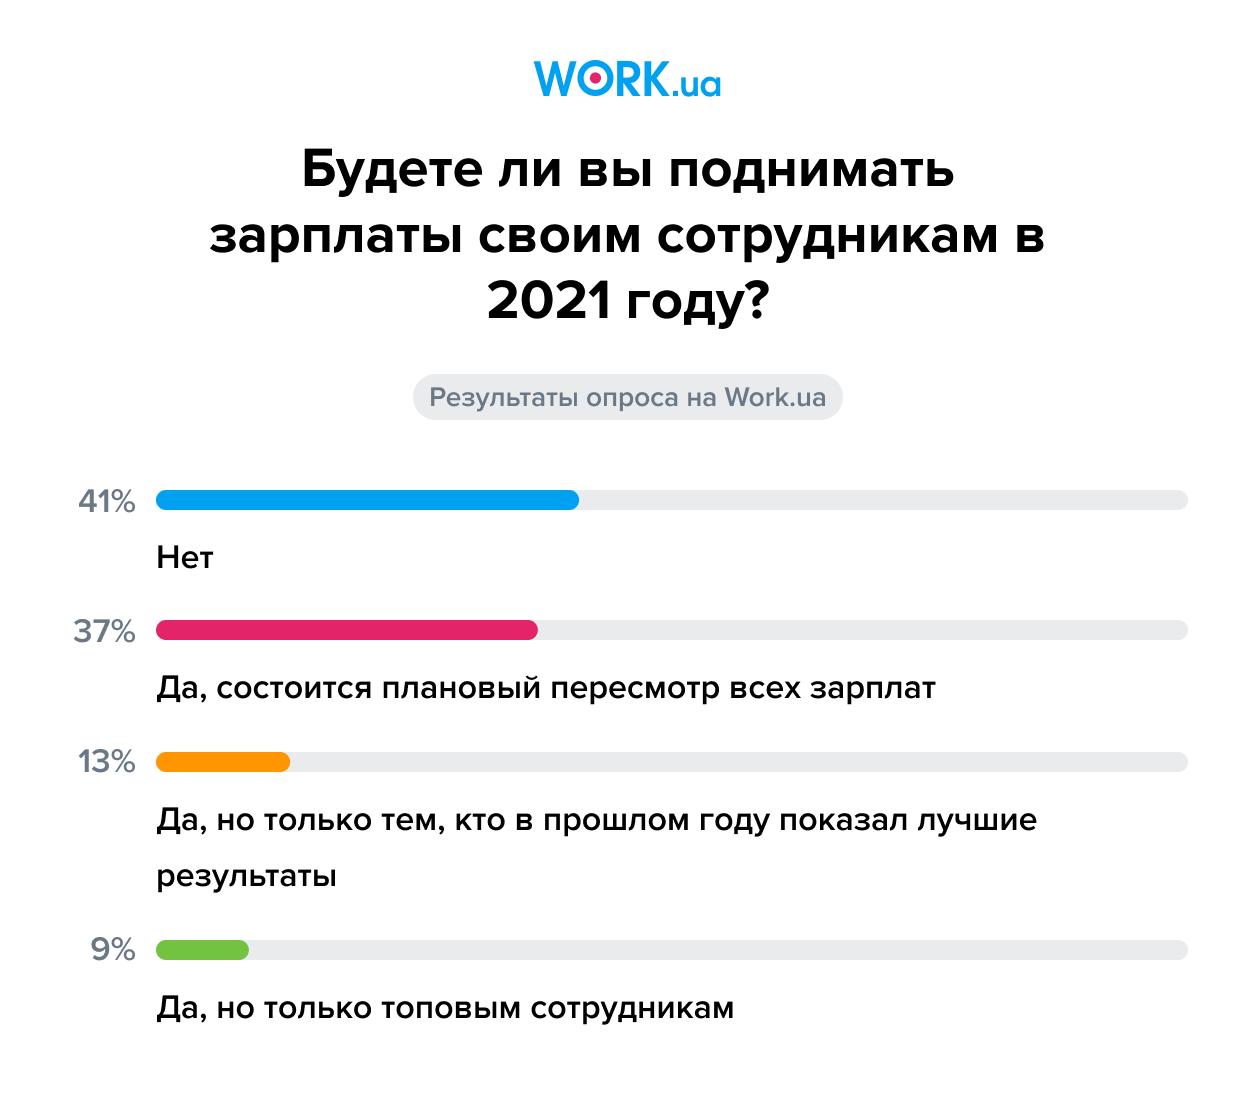 Опрос проводился в январе 2021 года. В нем приняли участие 311 человек